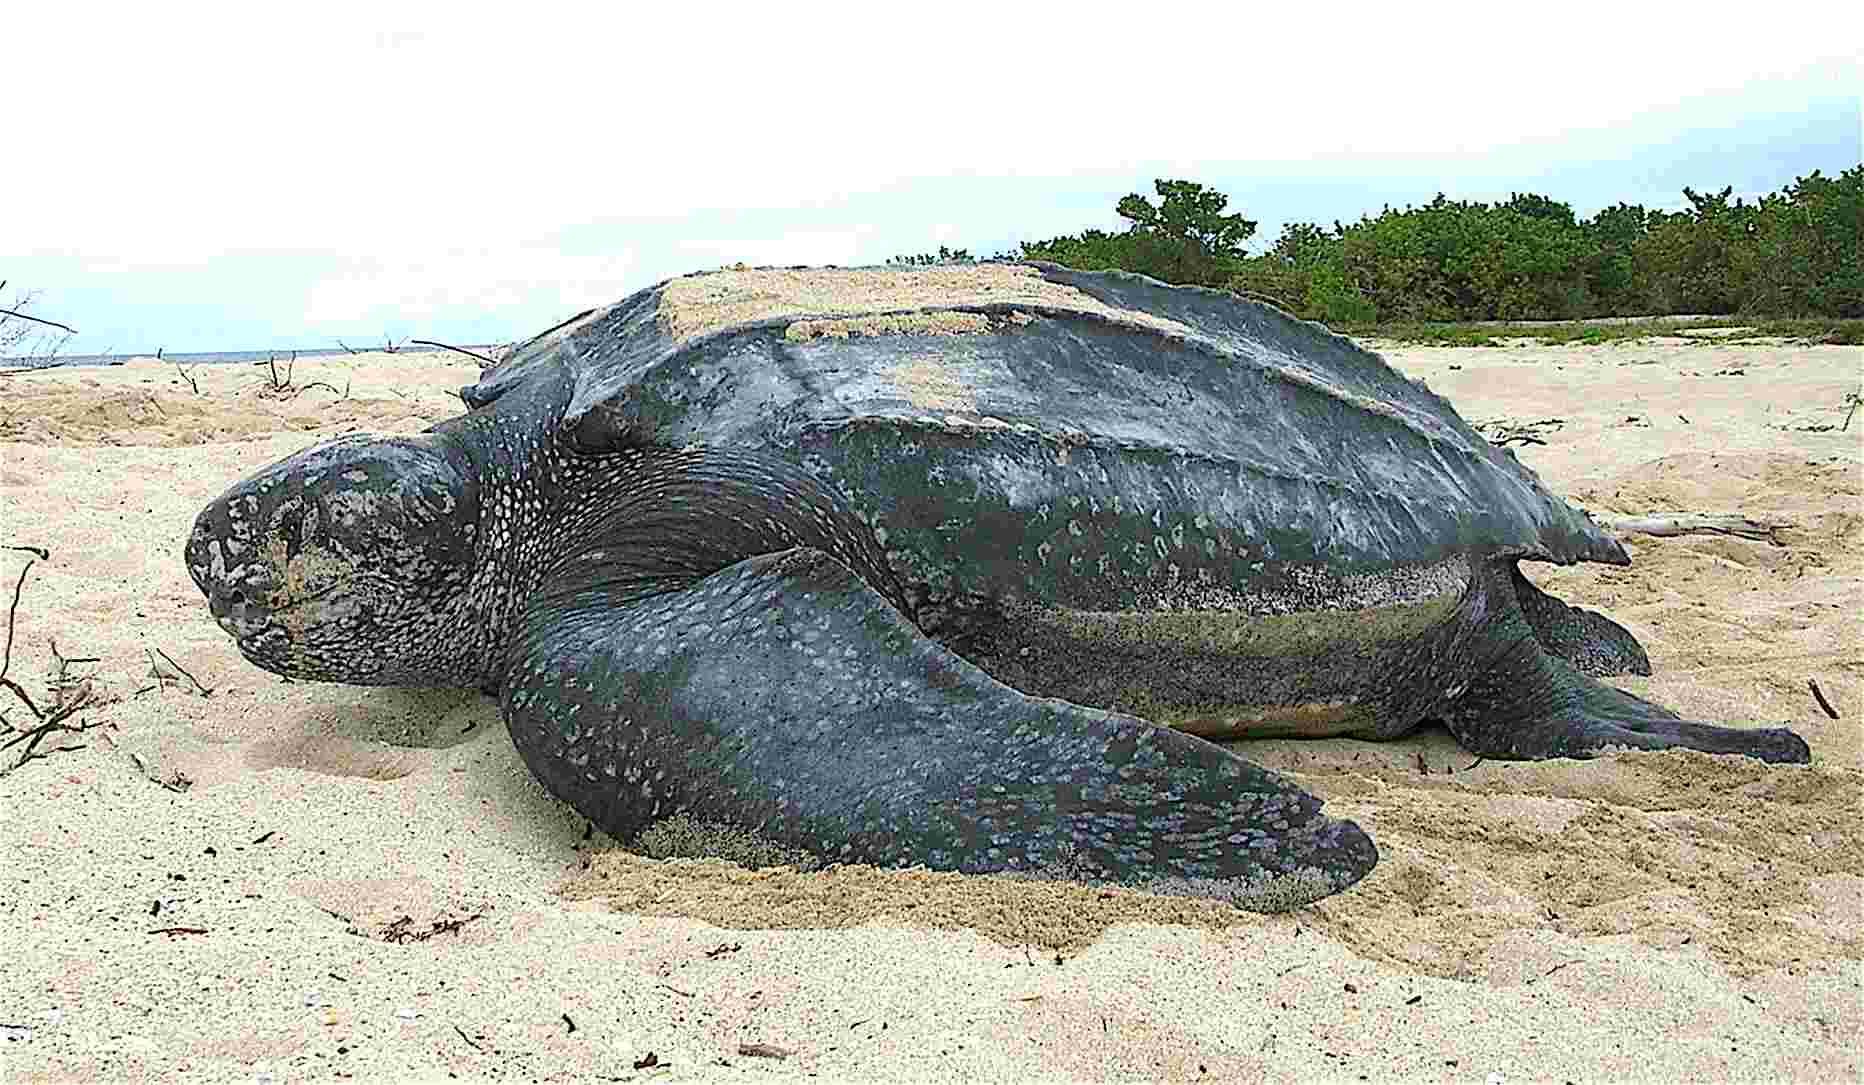 Uno de los animales en peligro de extinción es el tortuga laúd